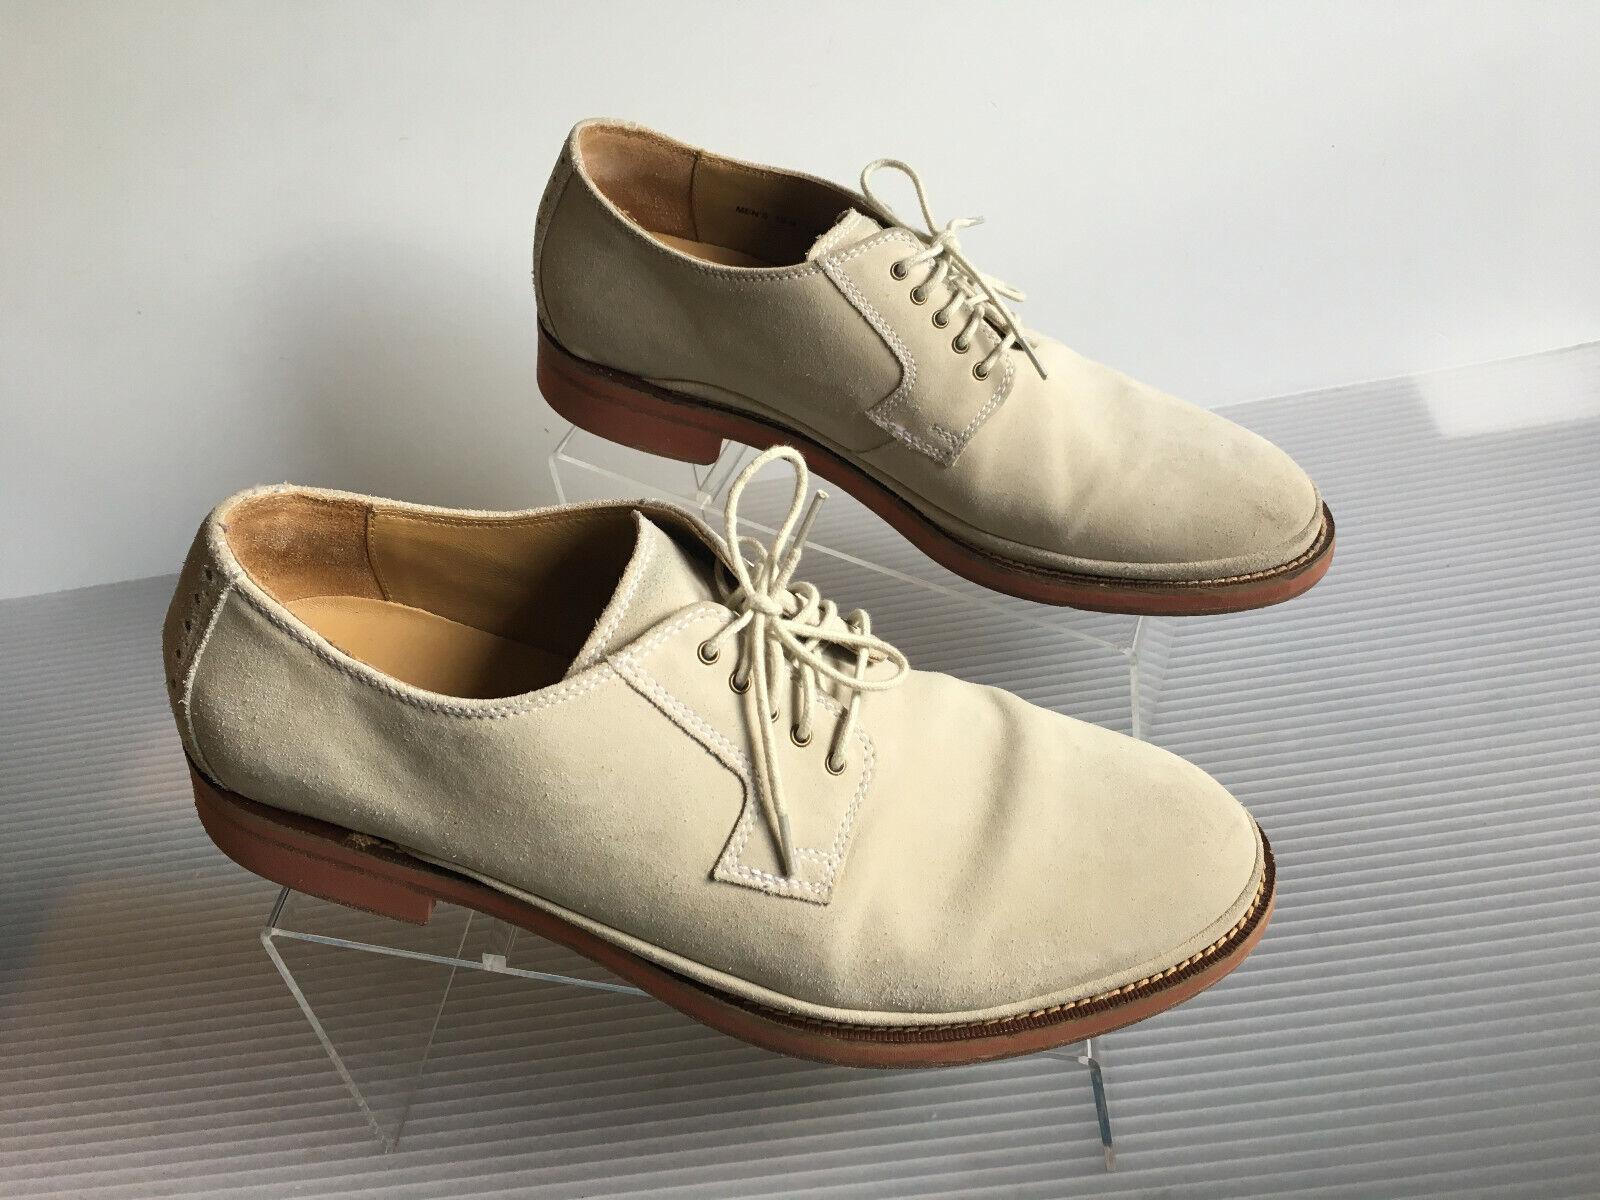 Cole Haan Cream Suede Plain Toe Oxford Men's shoes Sz 10M C12053